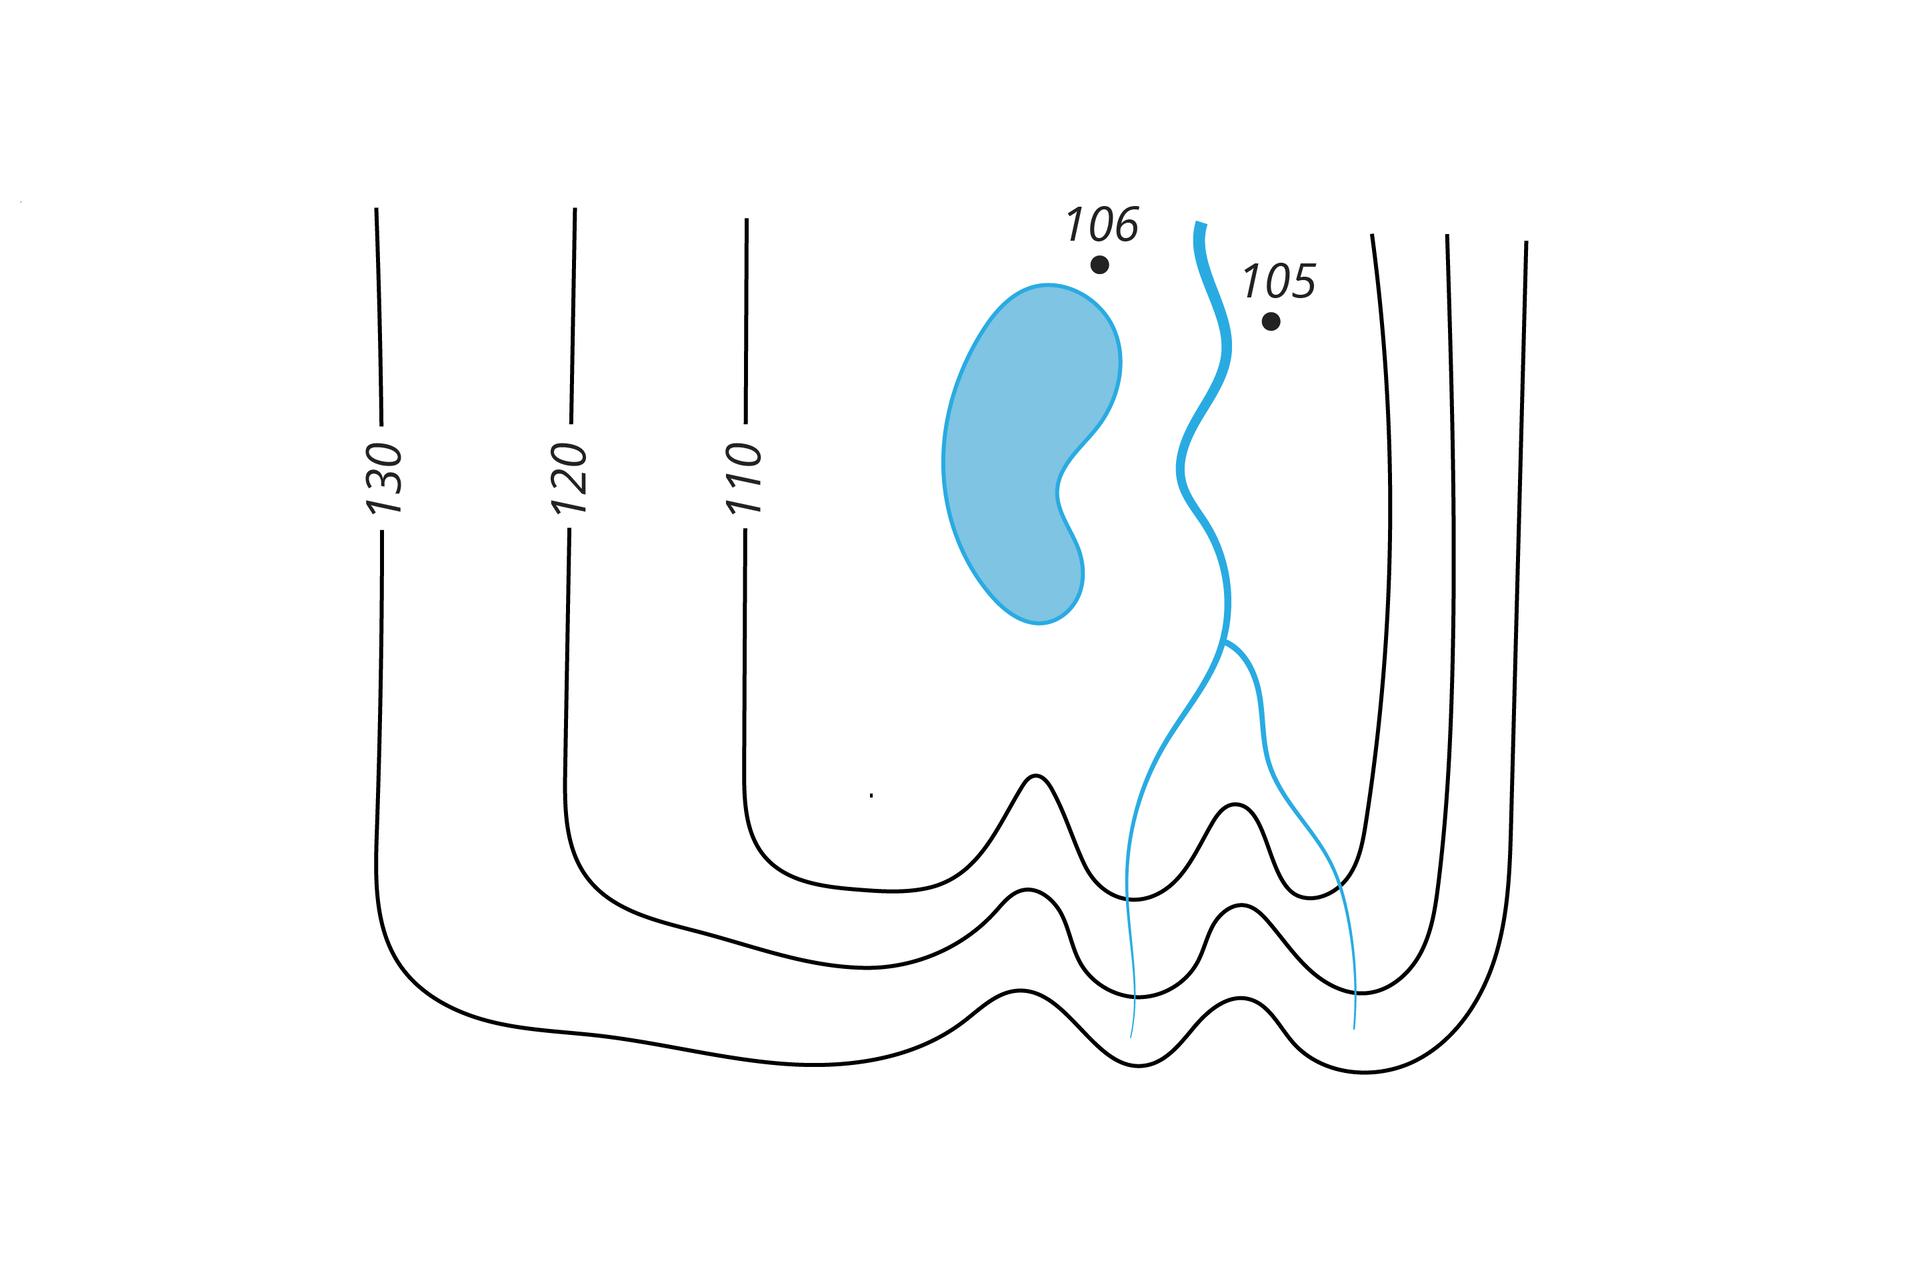 Ilustracja przedstawia mapę poziomicową wklęsłej formy tereny, którą jest tutaj dolina rzeczna. Poziomice biegną wzdłuż doliny rzecznej, na dnie której płynie rzeka. Wartości poziomic maleją ku środkowi doliny rzecznej.